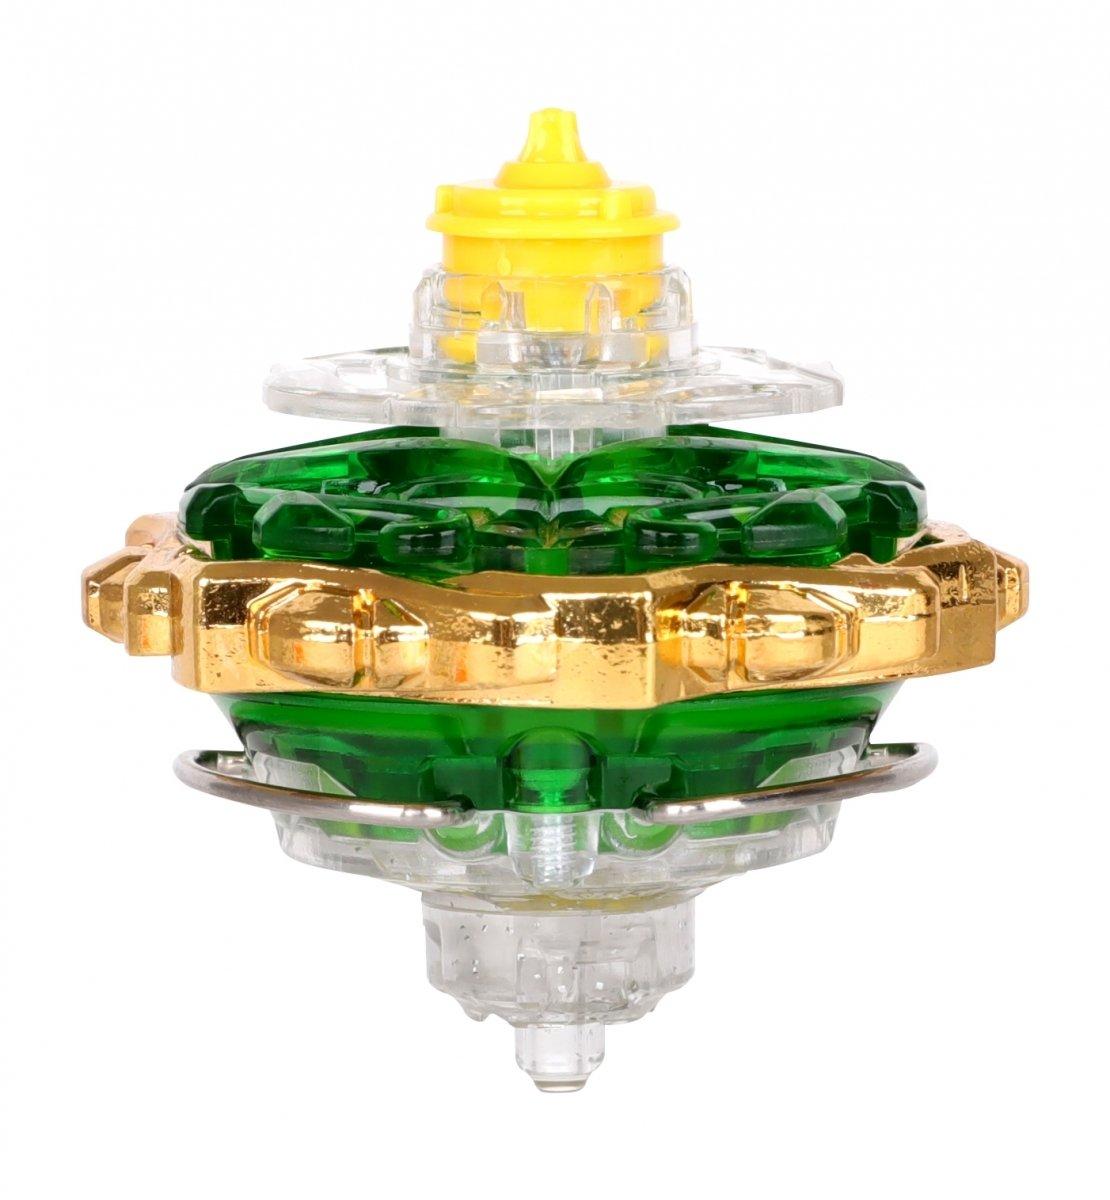 Волчок Auldey Infinity Nado V серия Advanced Jade Bow Нефритовый Лук (YW634403) фото